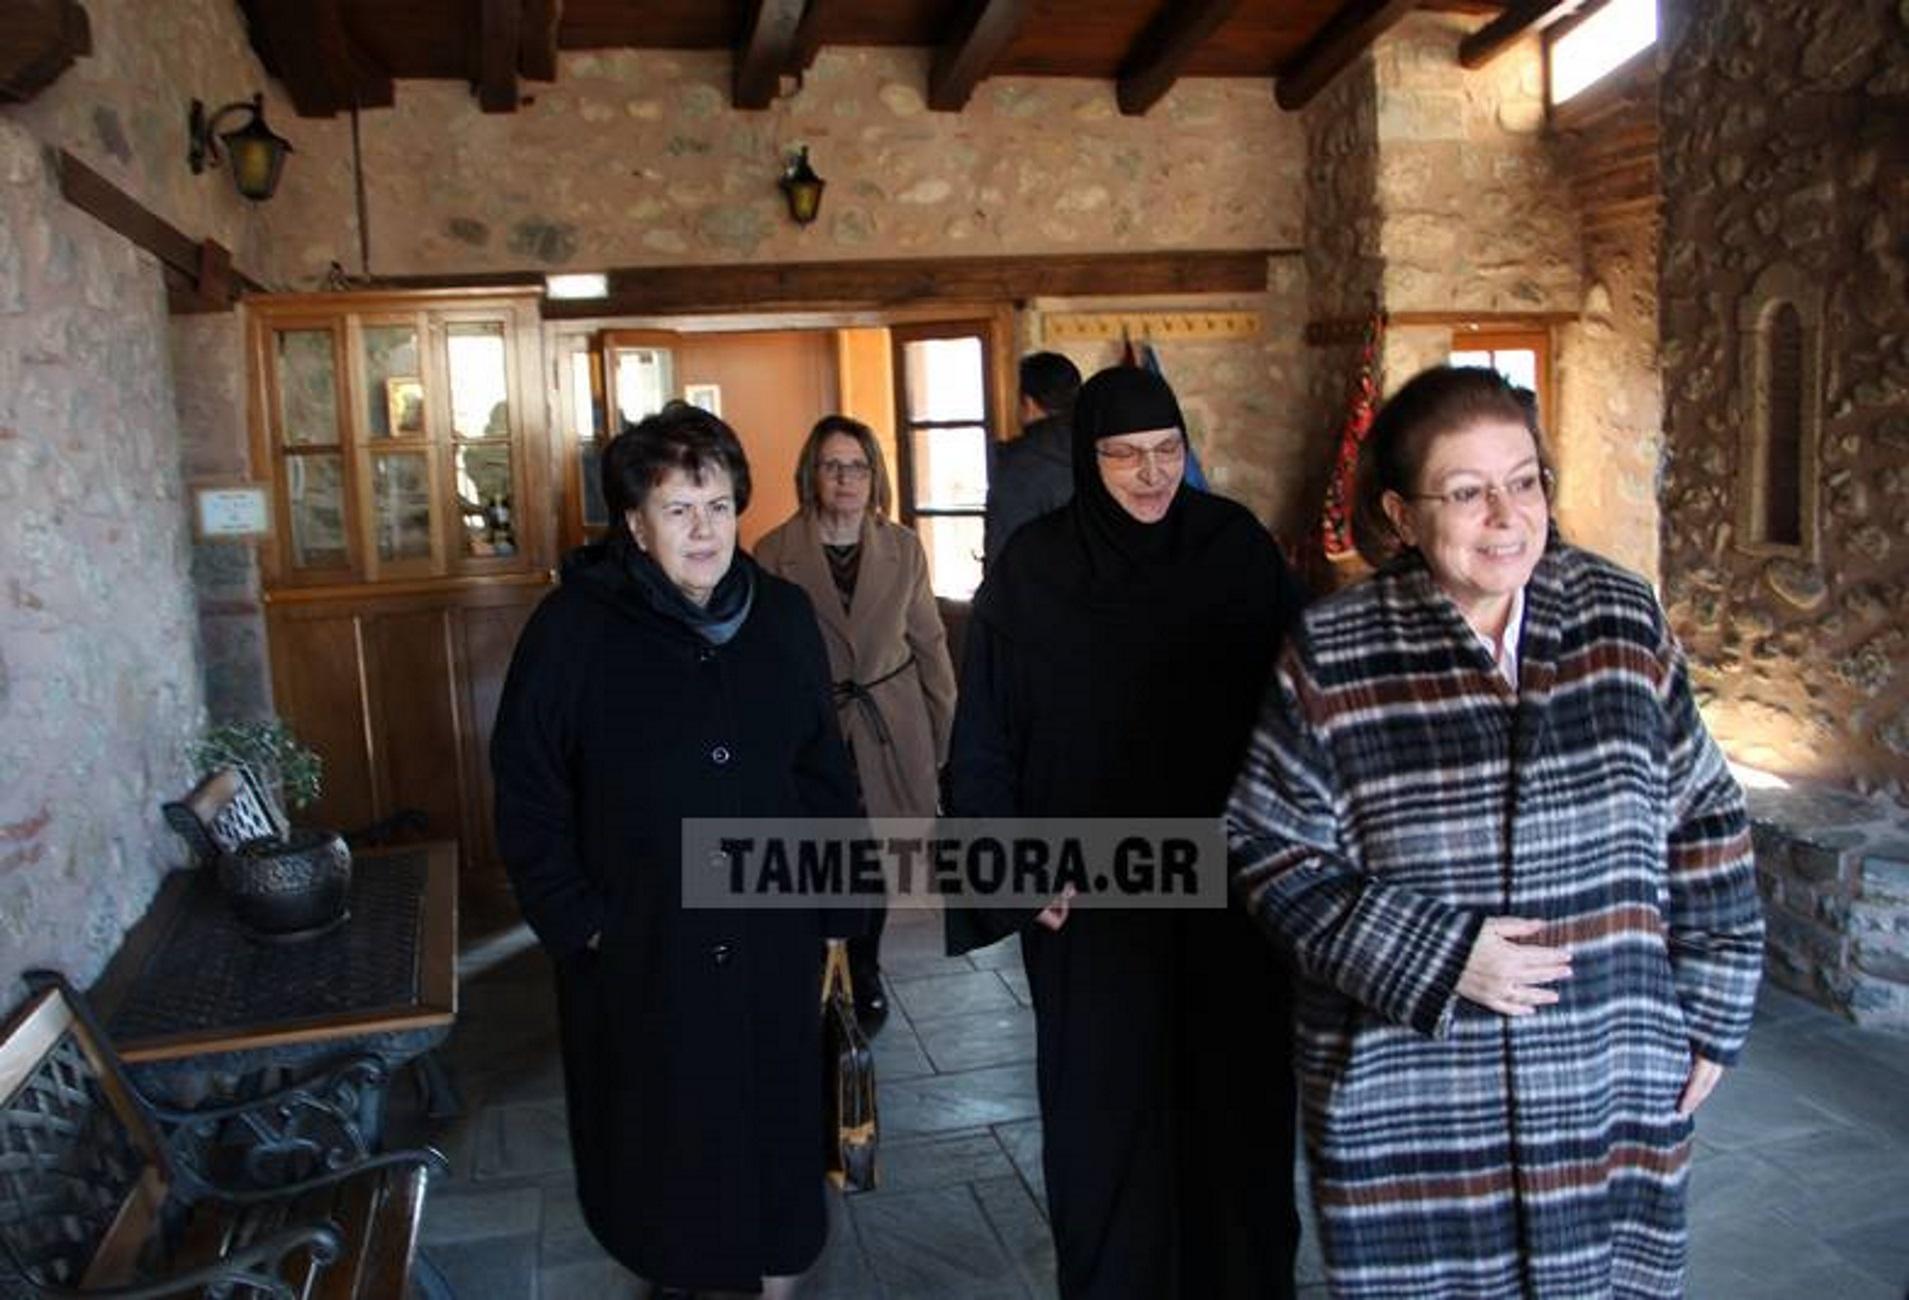 Μετέωρα: Ξενάγηση για τη Λίνα Μενδώνη στη Μονή Ρουσσάνου! Δίπλα της η Άννα Παναγιωταρέα [video]